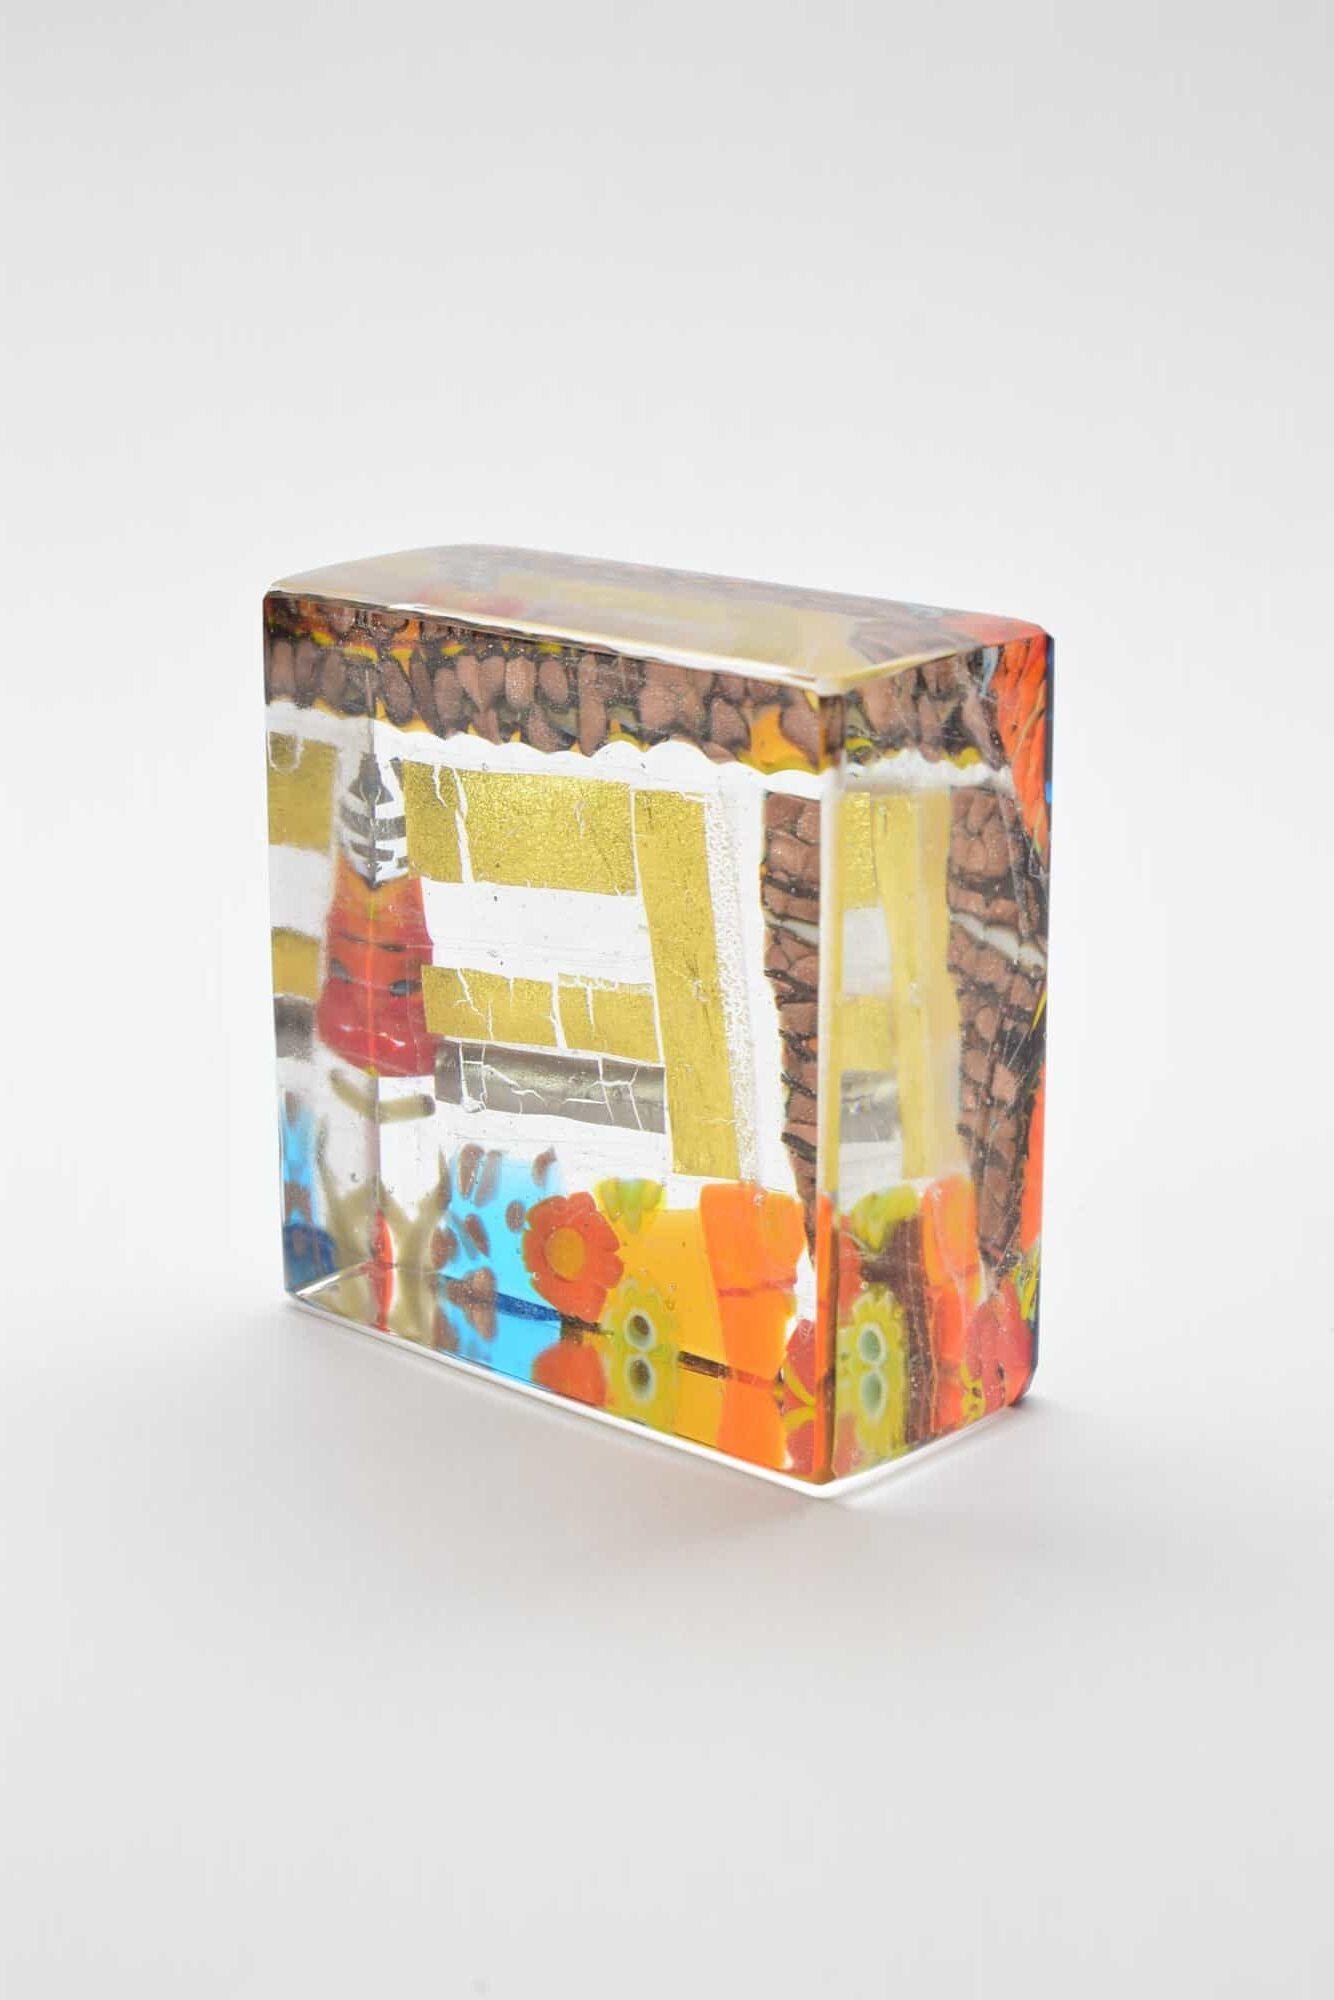 Пресс-папье с золотыми листами из муранского стекла (Art. 39029)